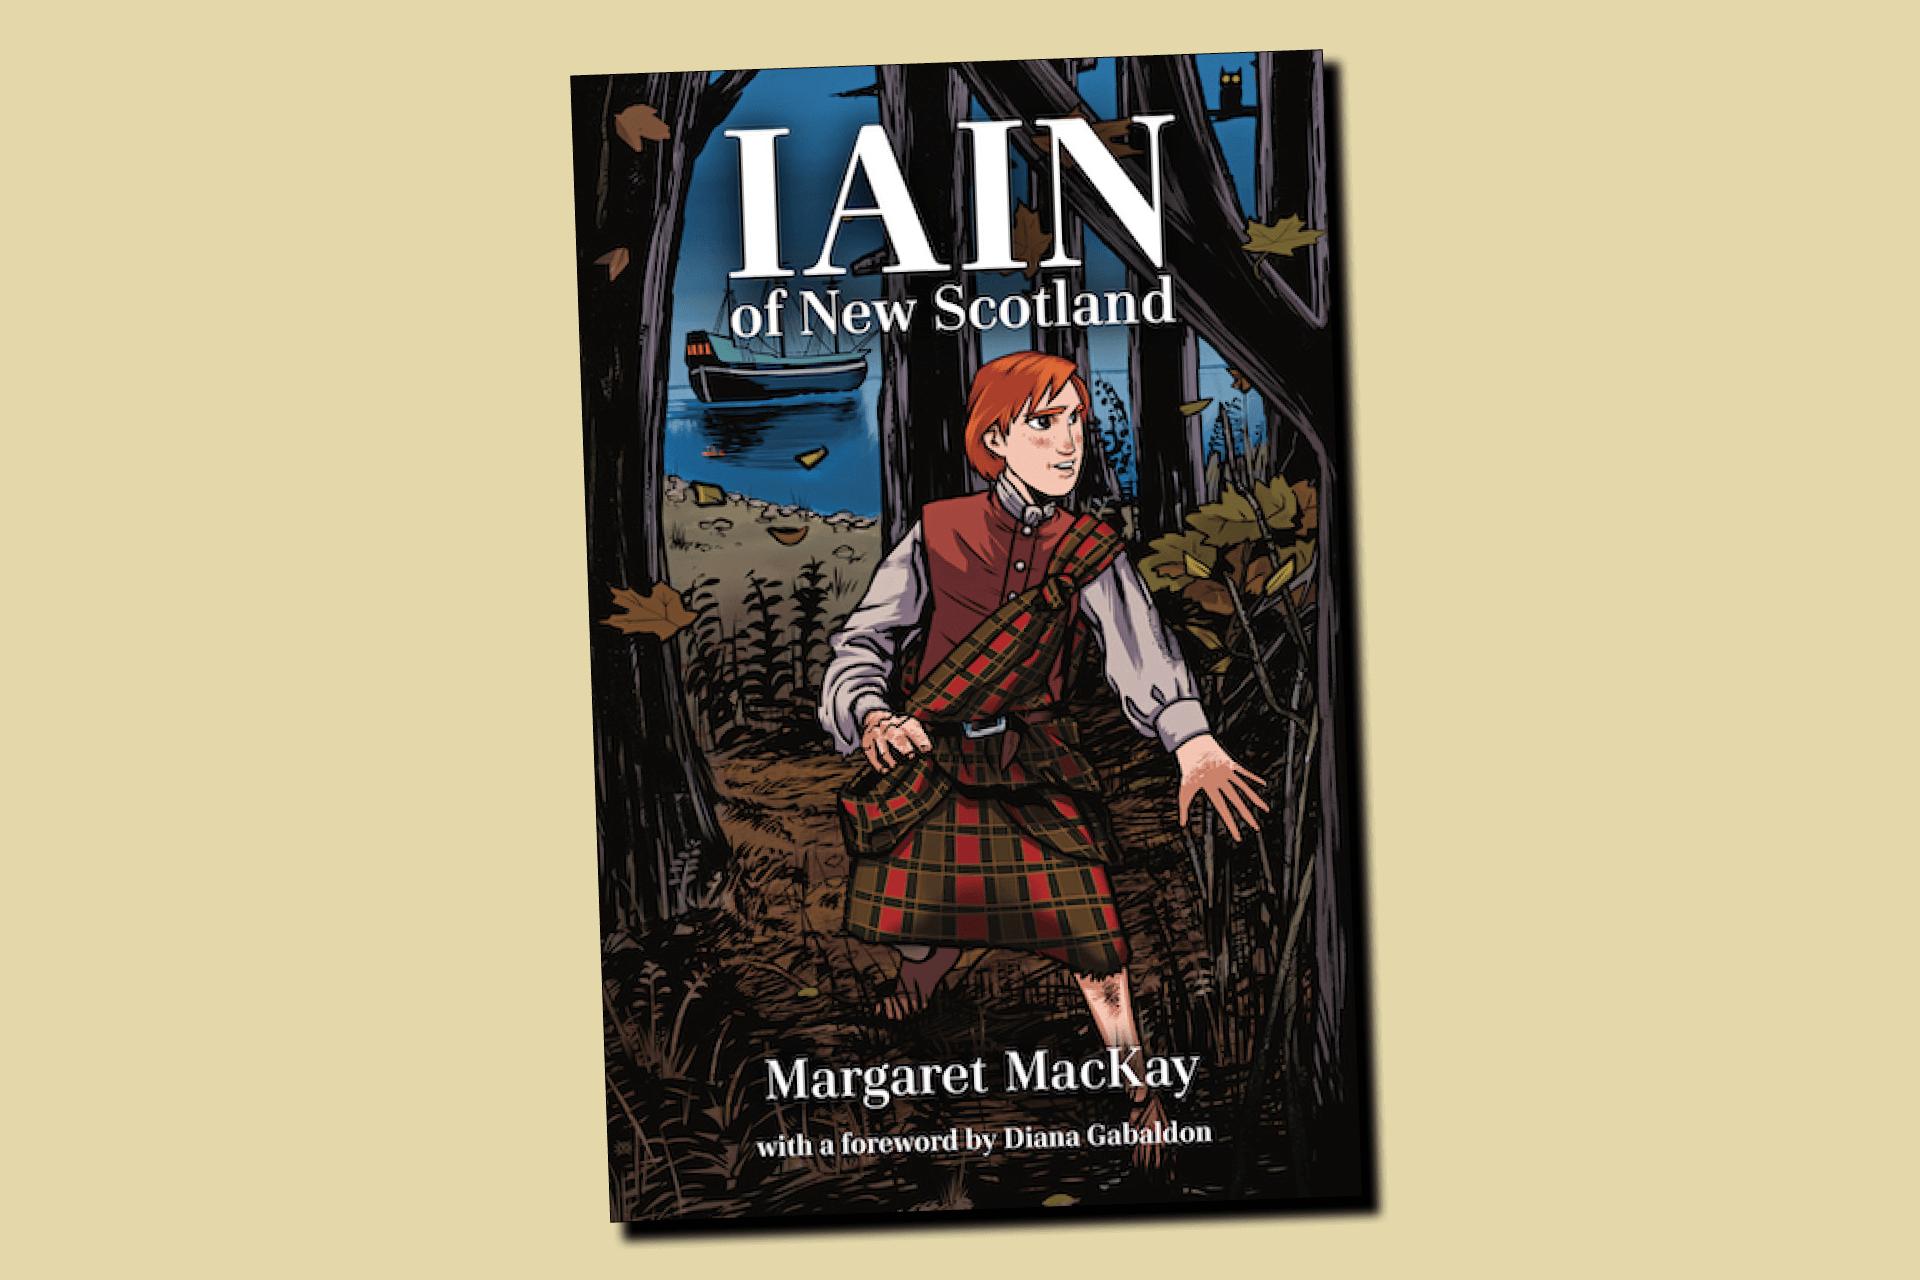 Iain of New Scotland